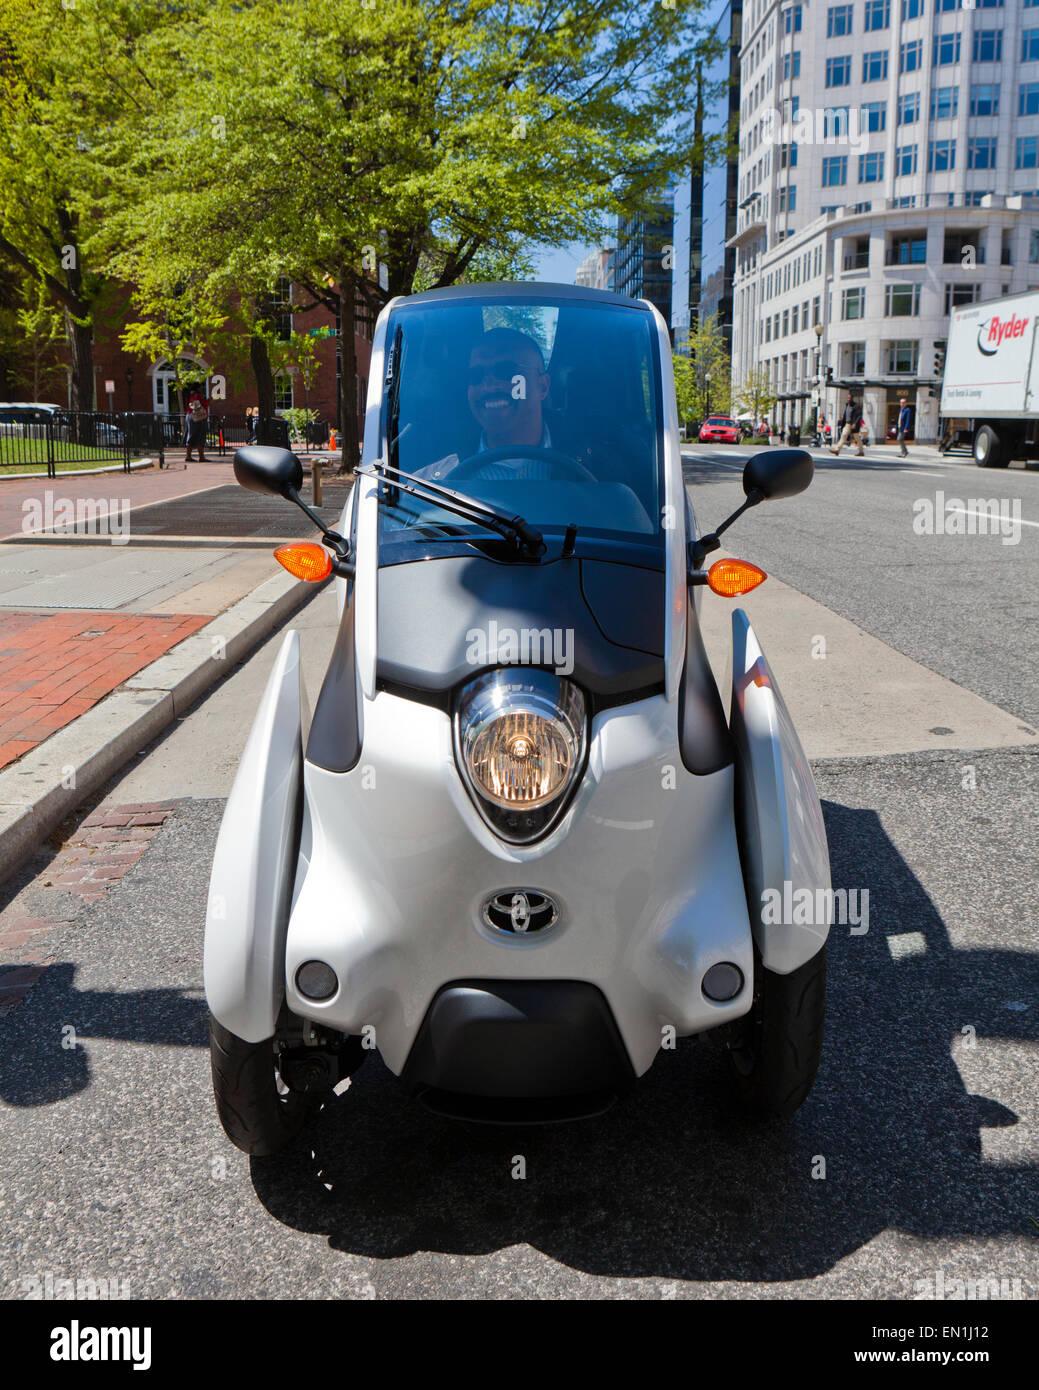 Toyota i-Road concept car (3 ruote) EV su strada - Washington DC, Stati Uniti d'America Immagini Stock